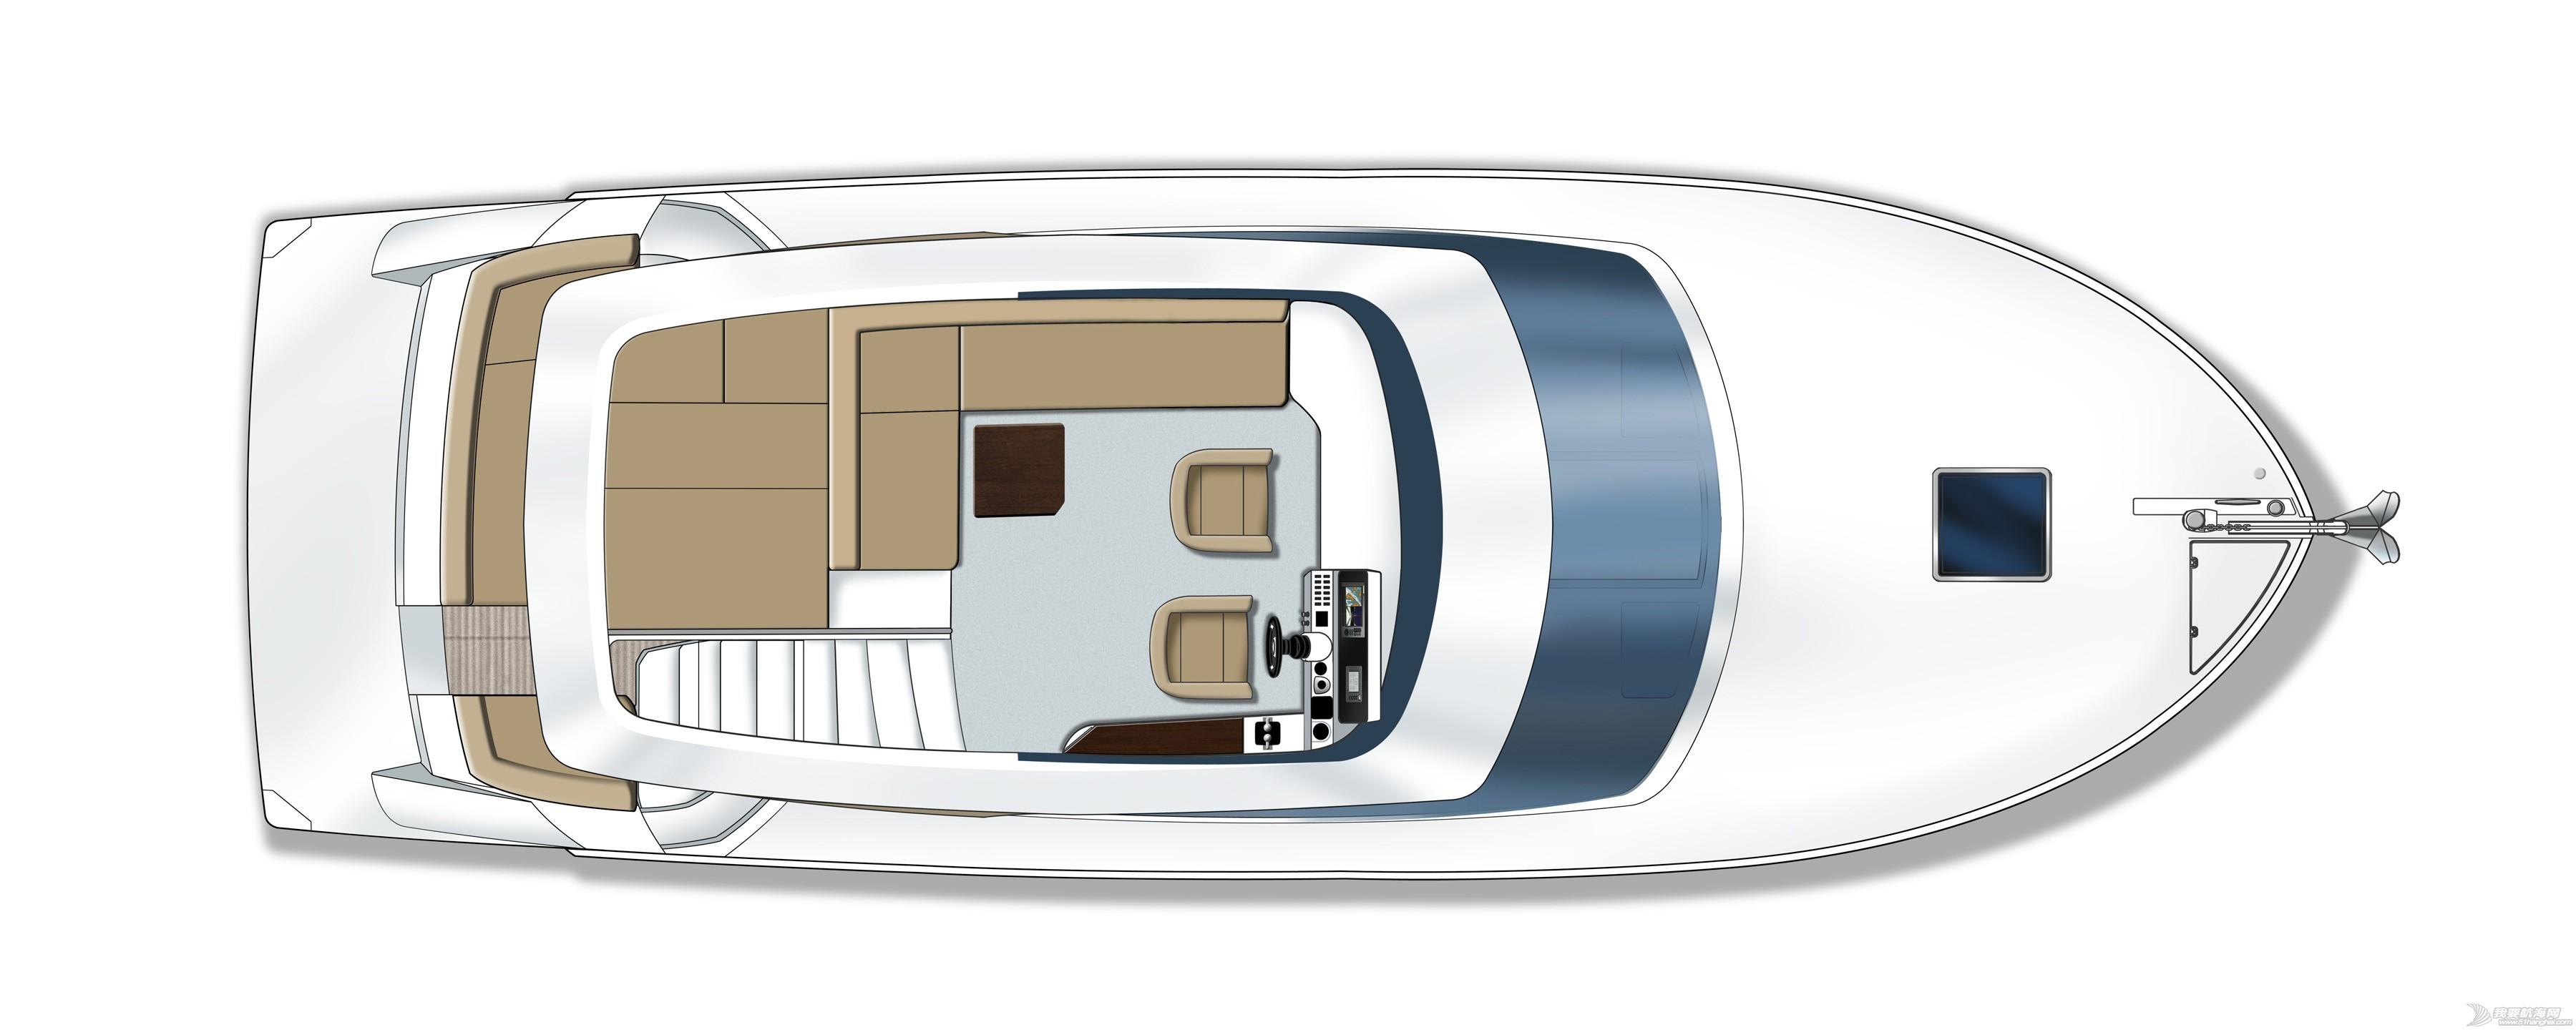 游艇,C40,时光,设计,卡福 亚洲首发,仅此一艘,美国进口豪华游艇卡福CARVER 40,现船销售。  143725y5ykykkskl2klyyk